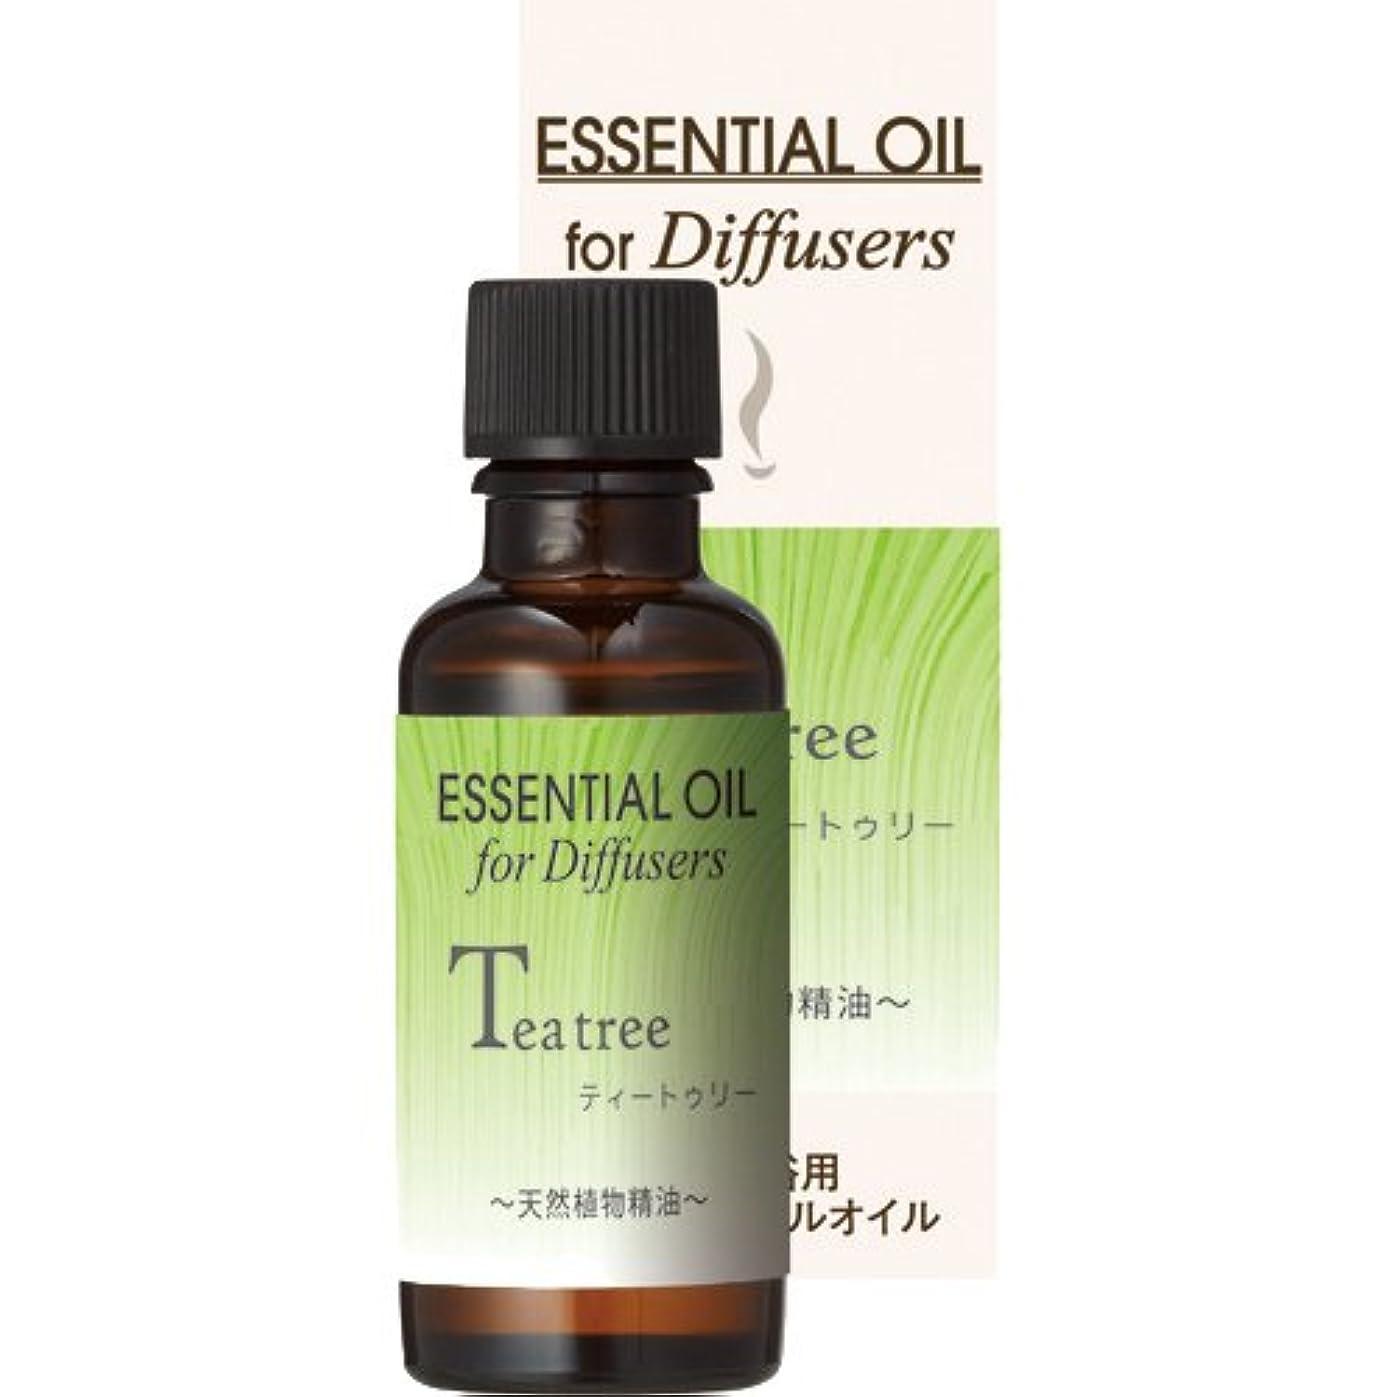 タービン消毒する出発する芳香専用30ml単品精油 ティートゥリー